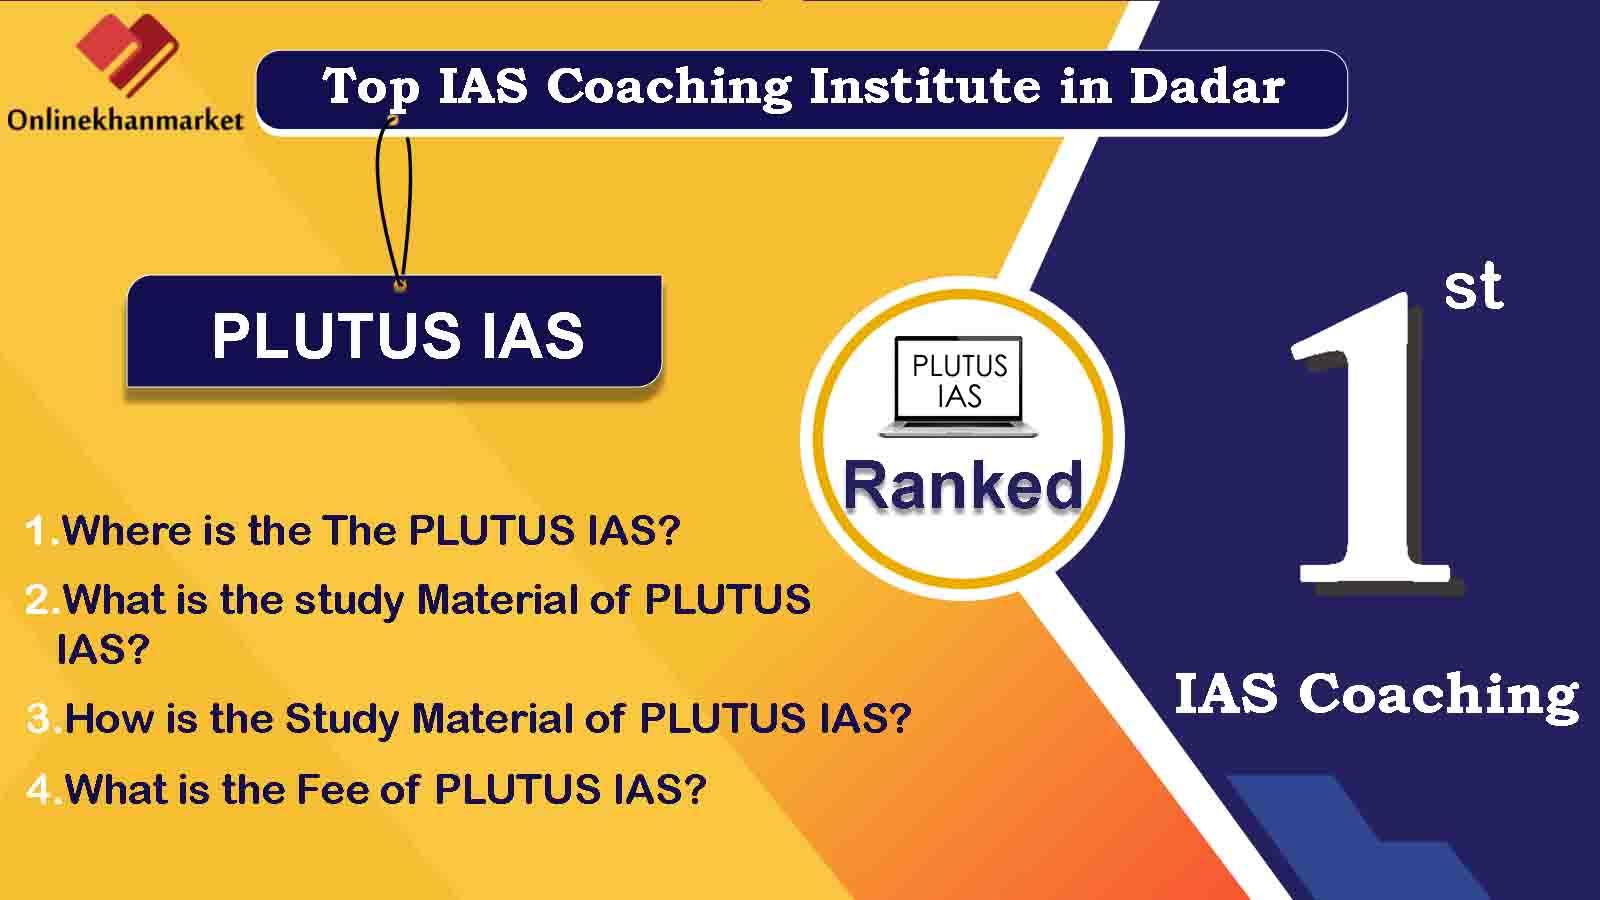 Top IAS Coaching in Dadar